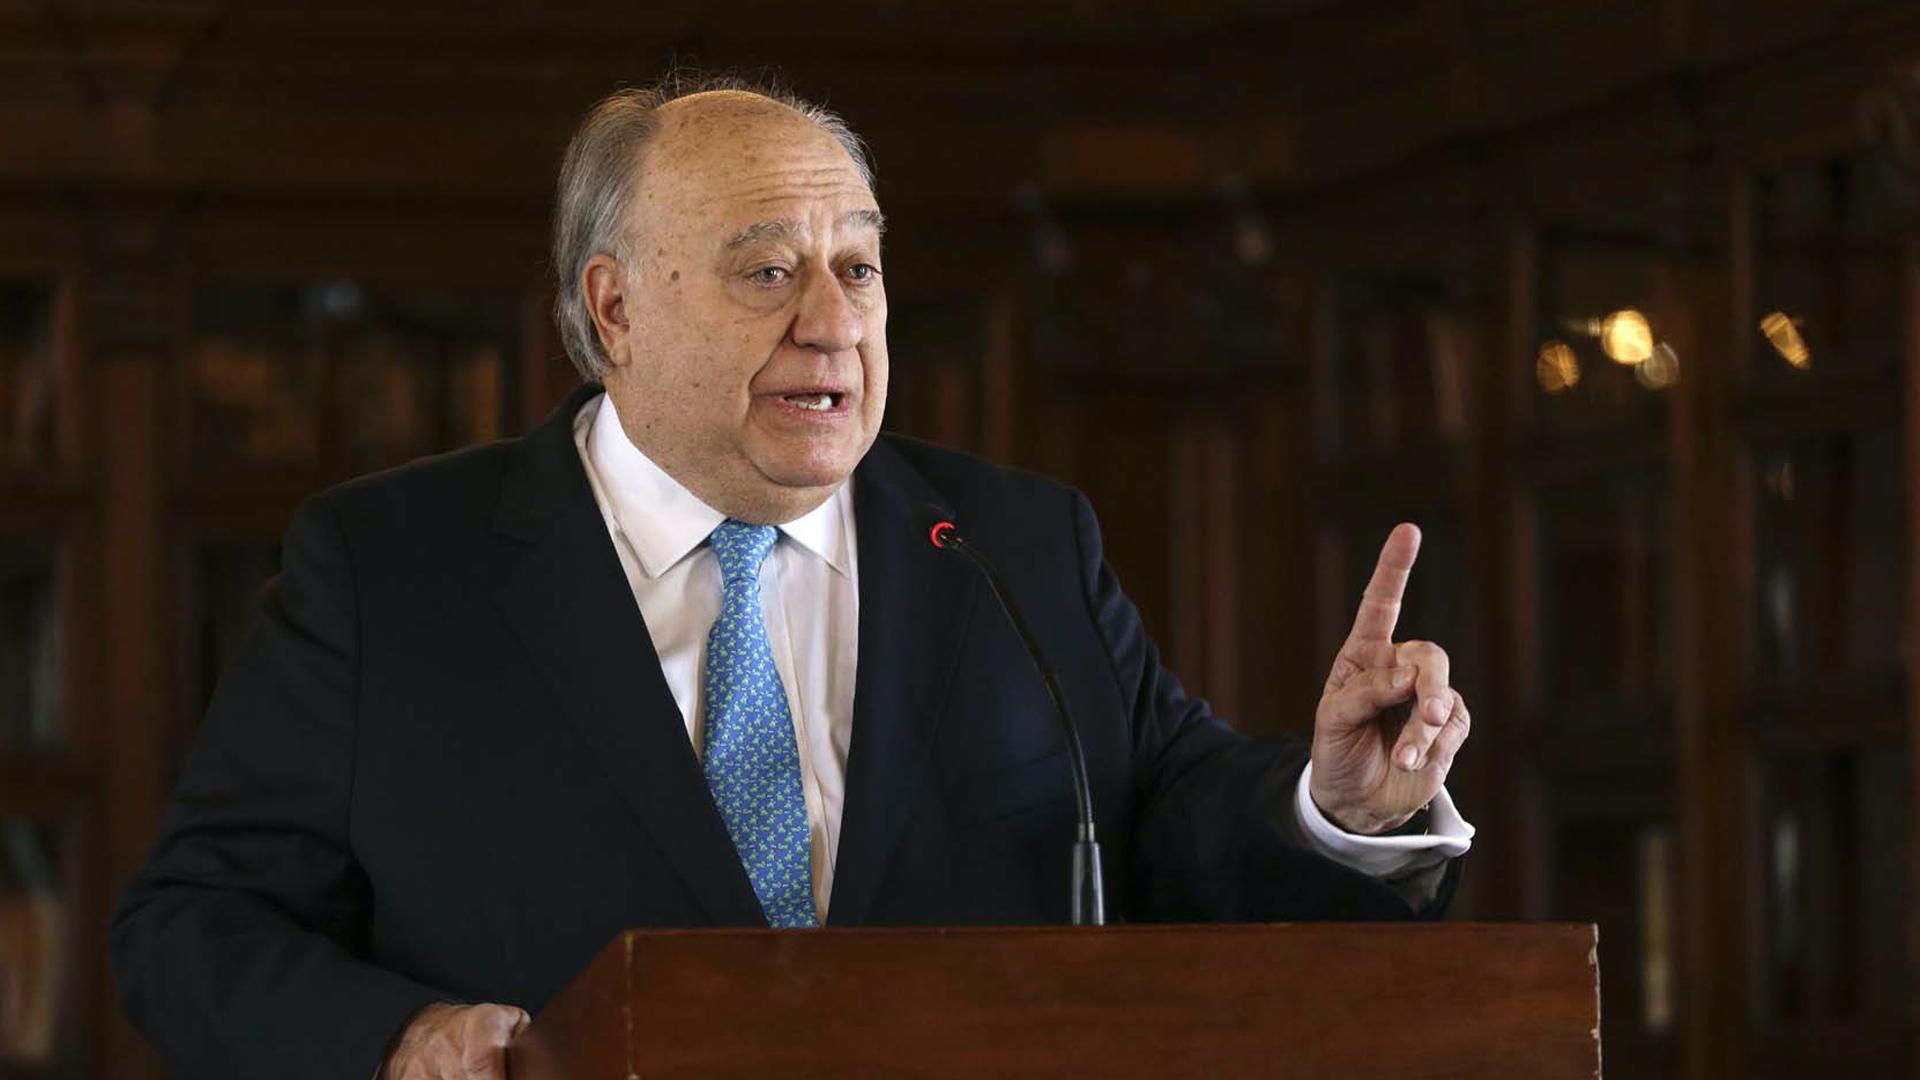 Claves del caso Calderón Berti, Freddy Superlano y el documento en Papyrus